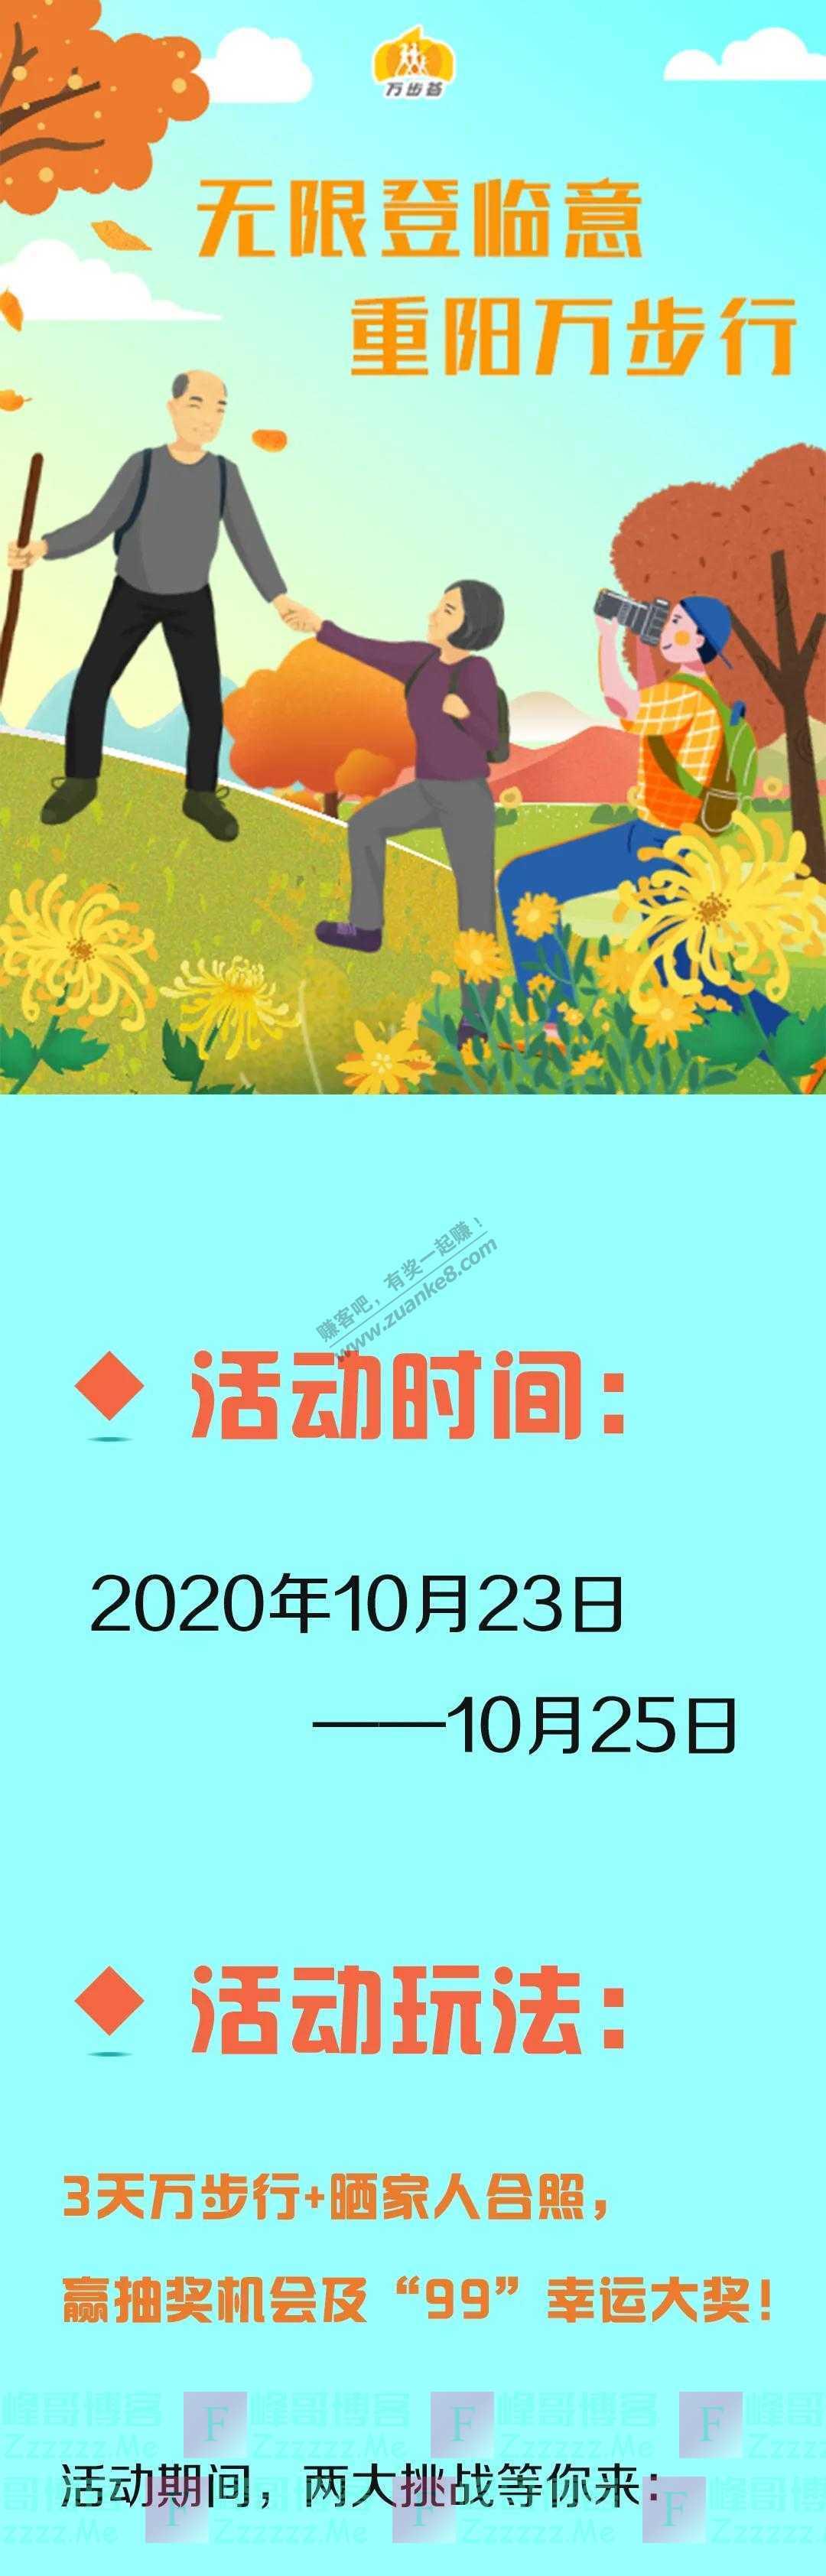 调养家预告!【万步荟】重阳万步行,晒家庭乐,赢豪礼(截止10月25日)